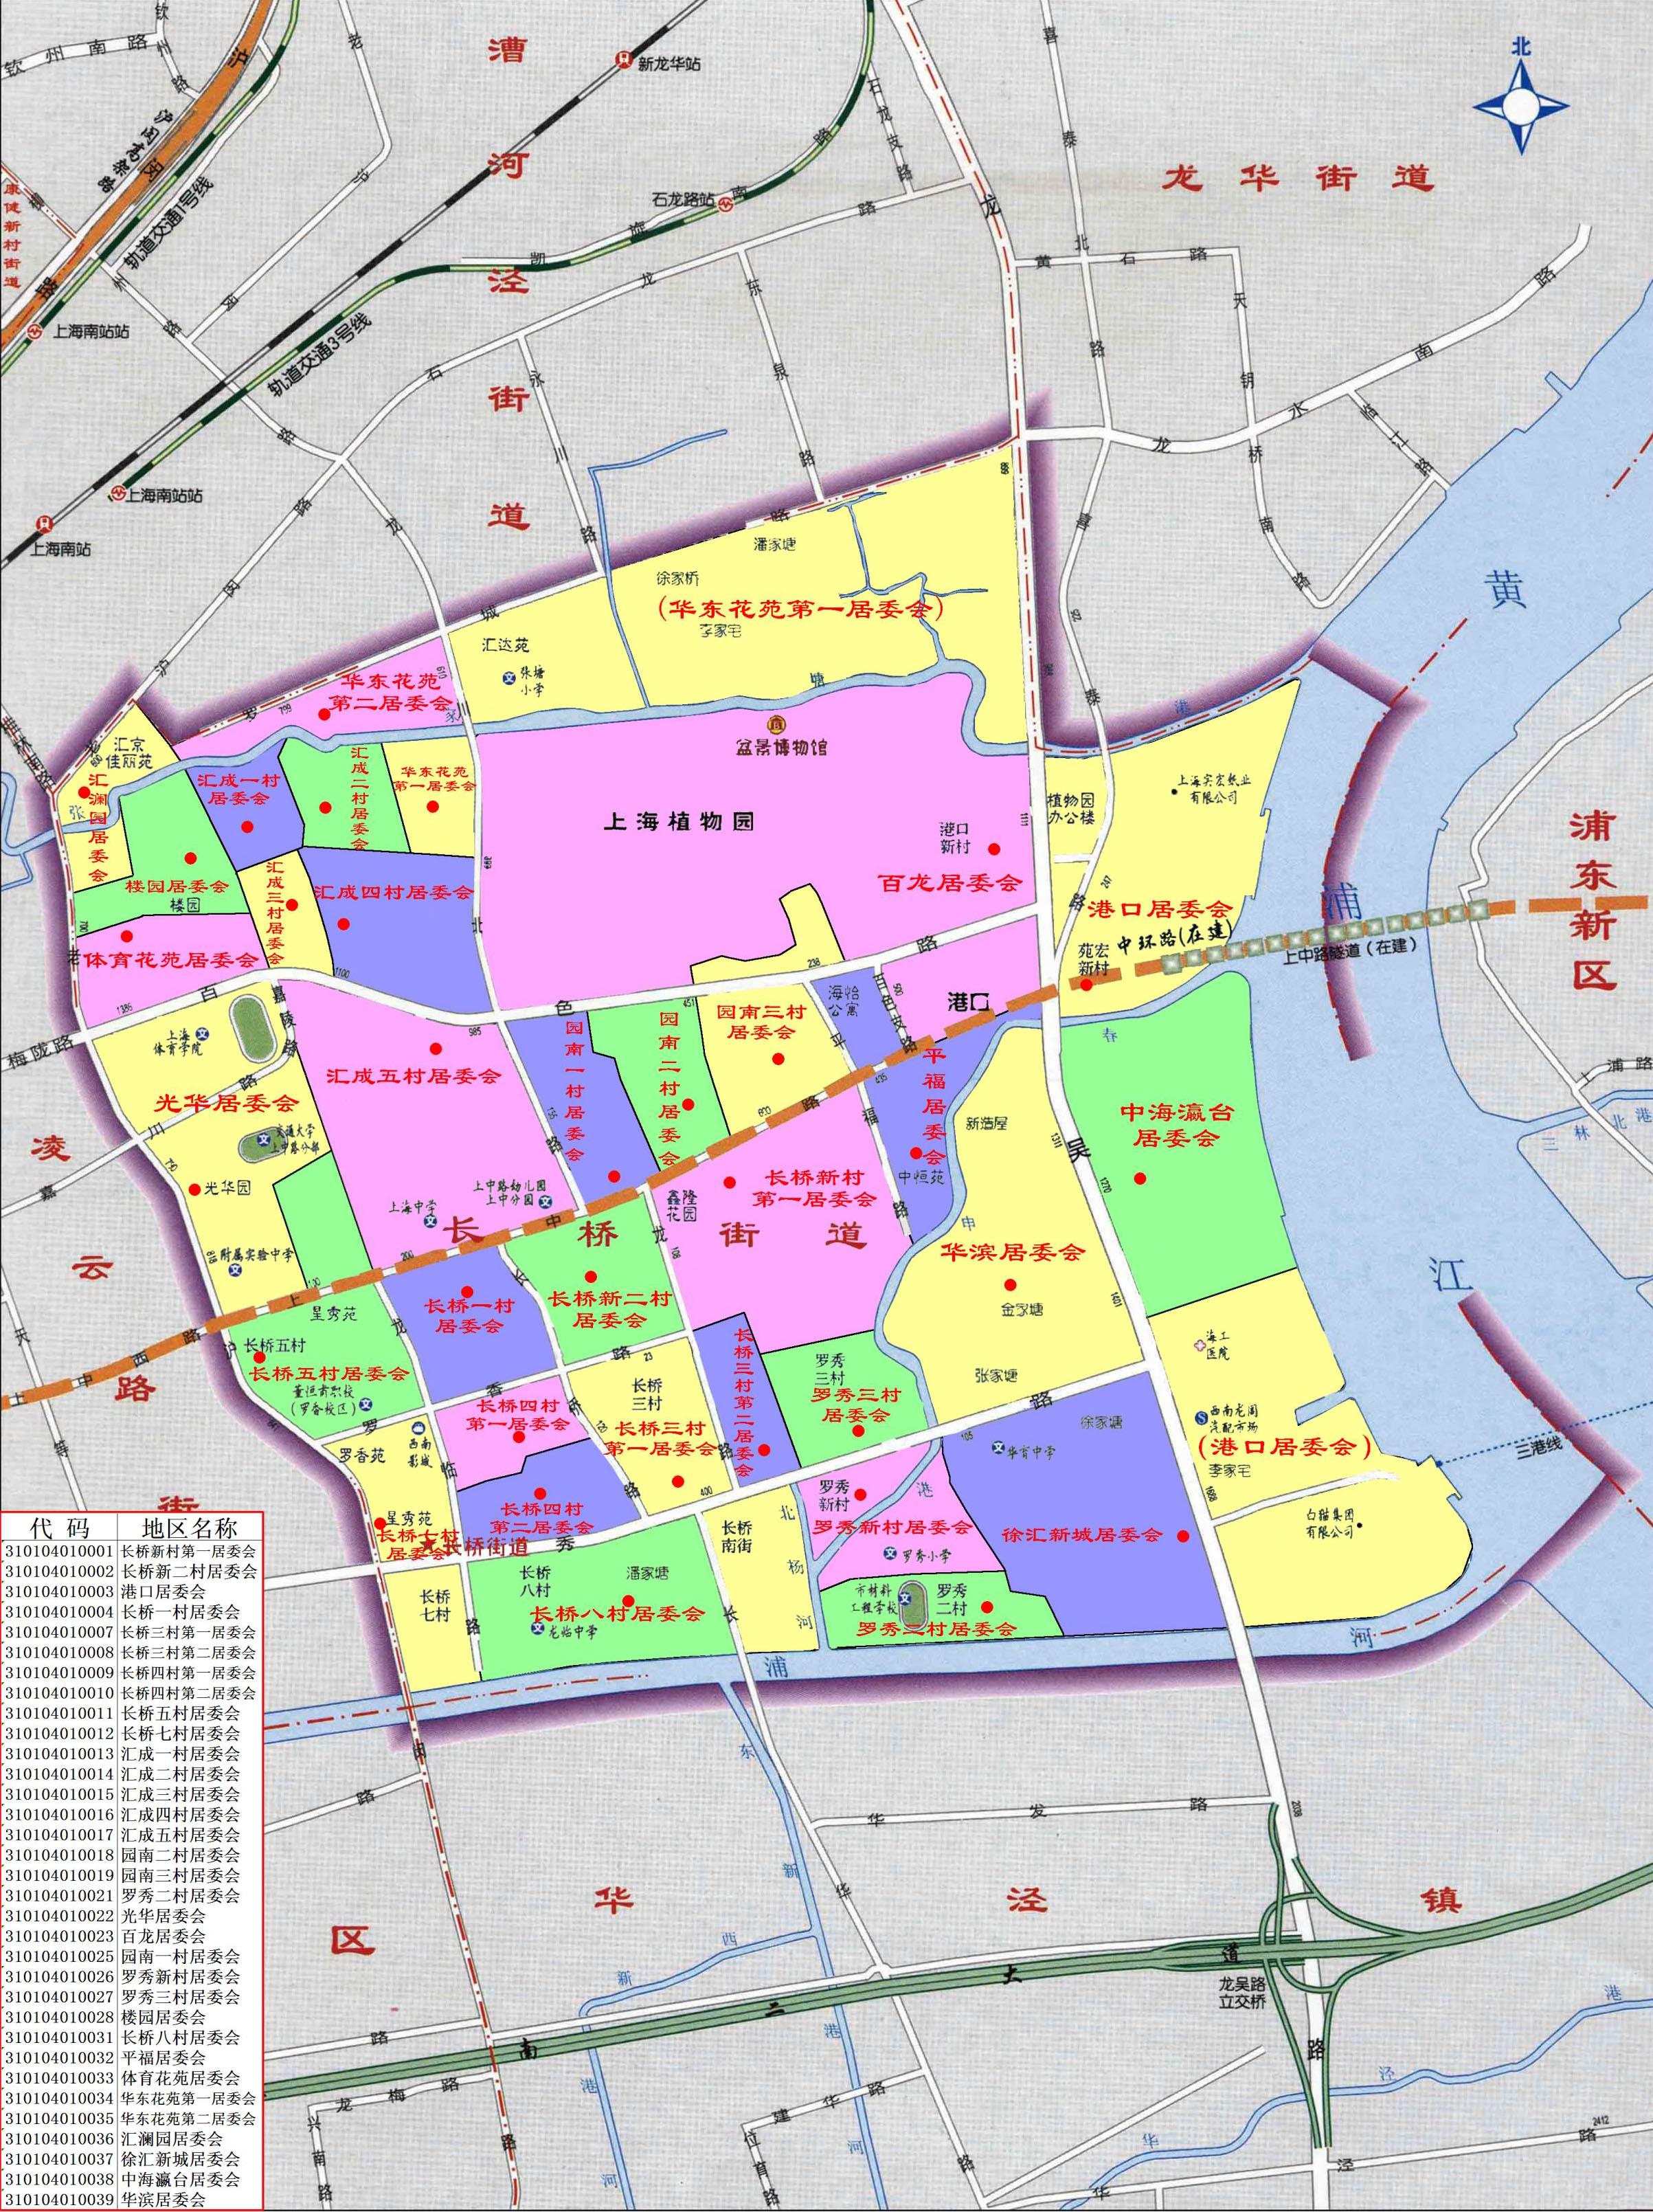 上海徐汇区地图全图高清,上海黄浦区地图全图,上海三维地图全图 831